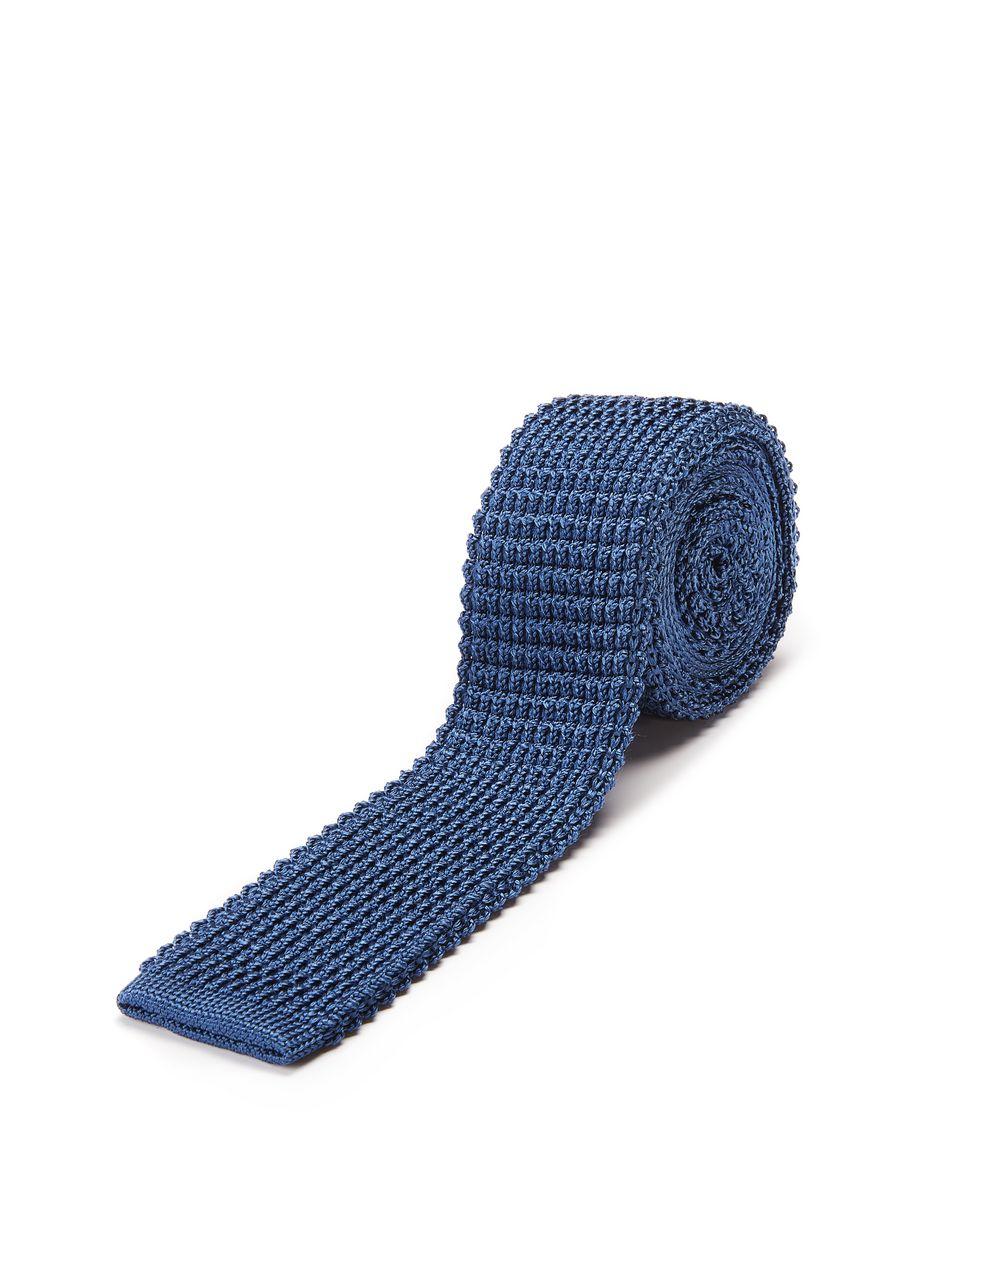 KNITTED BLUE SILK TIE - Lanvin